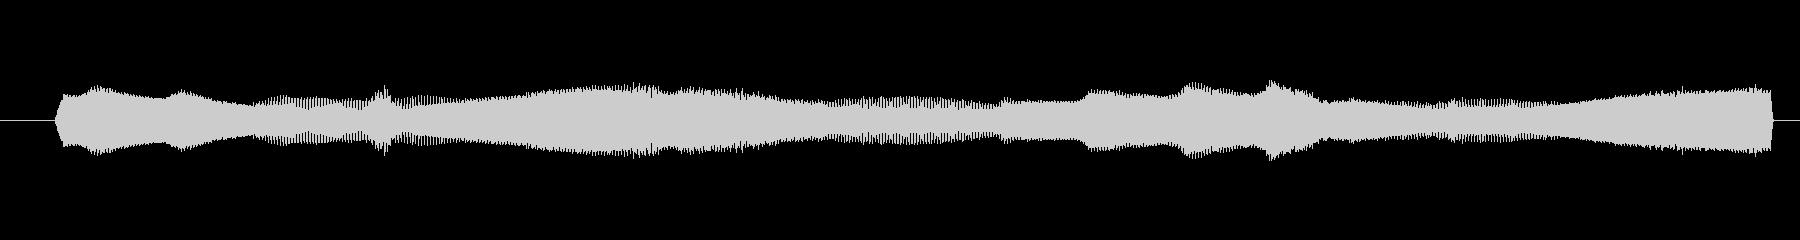 フィクション 実用性 高金属抽象シ...の未再生の波形